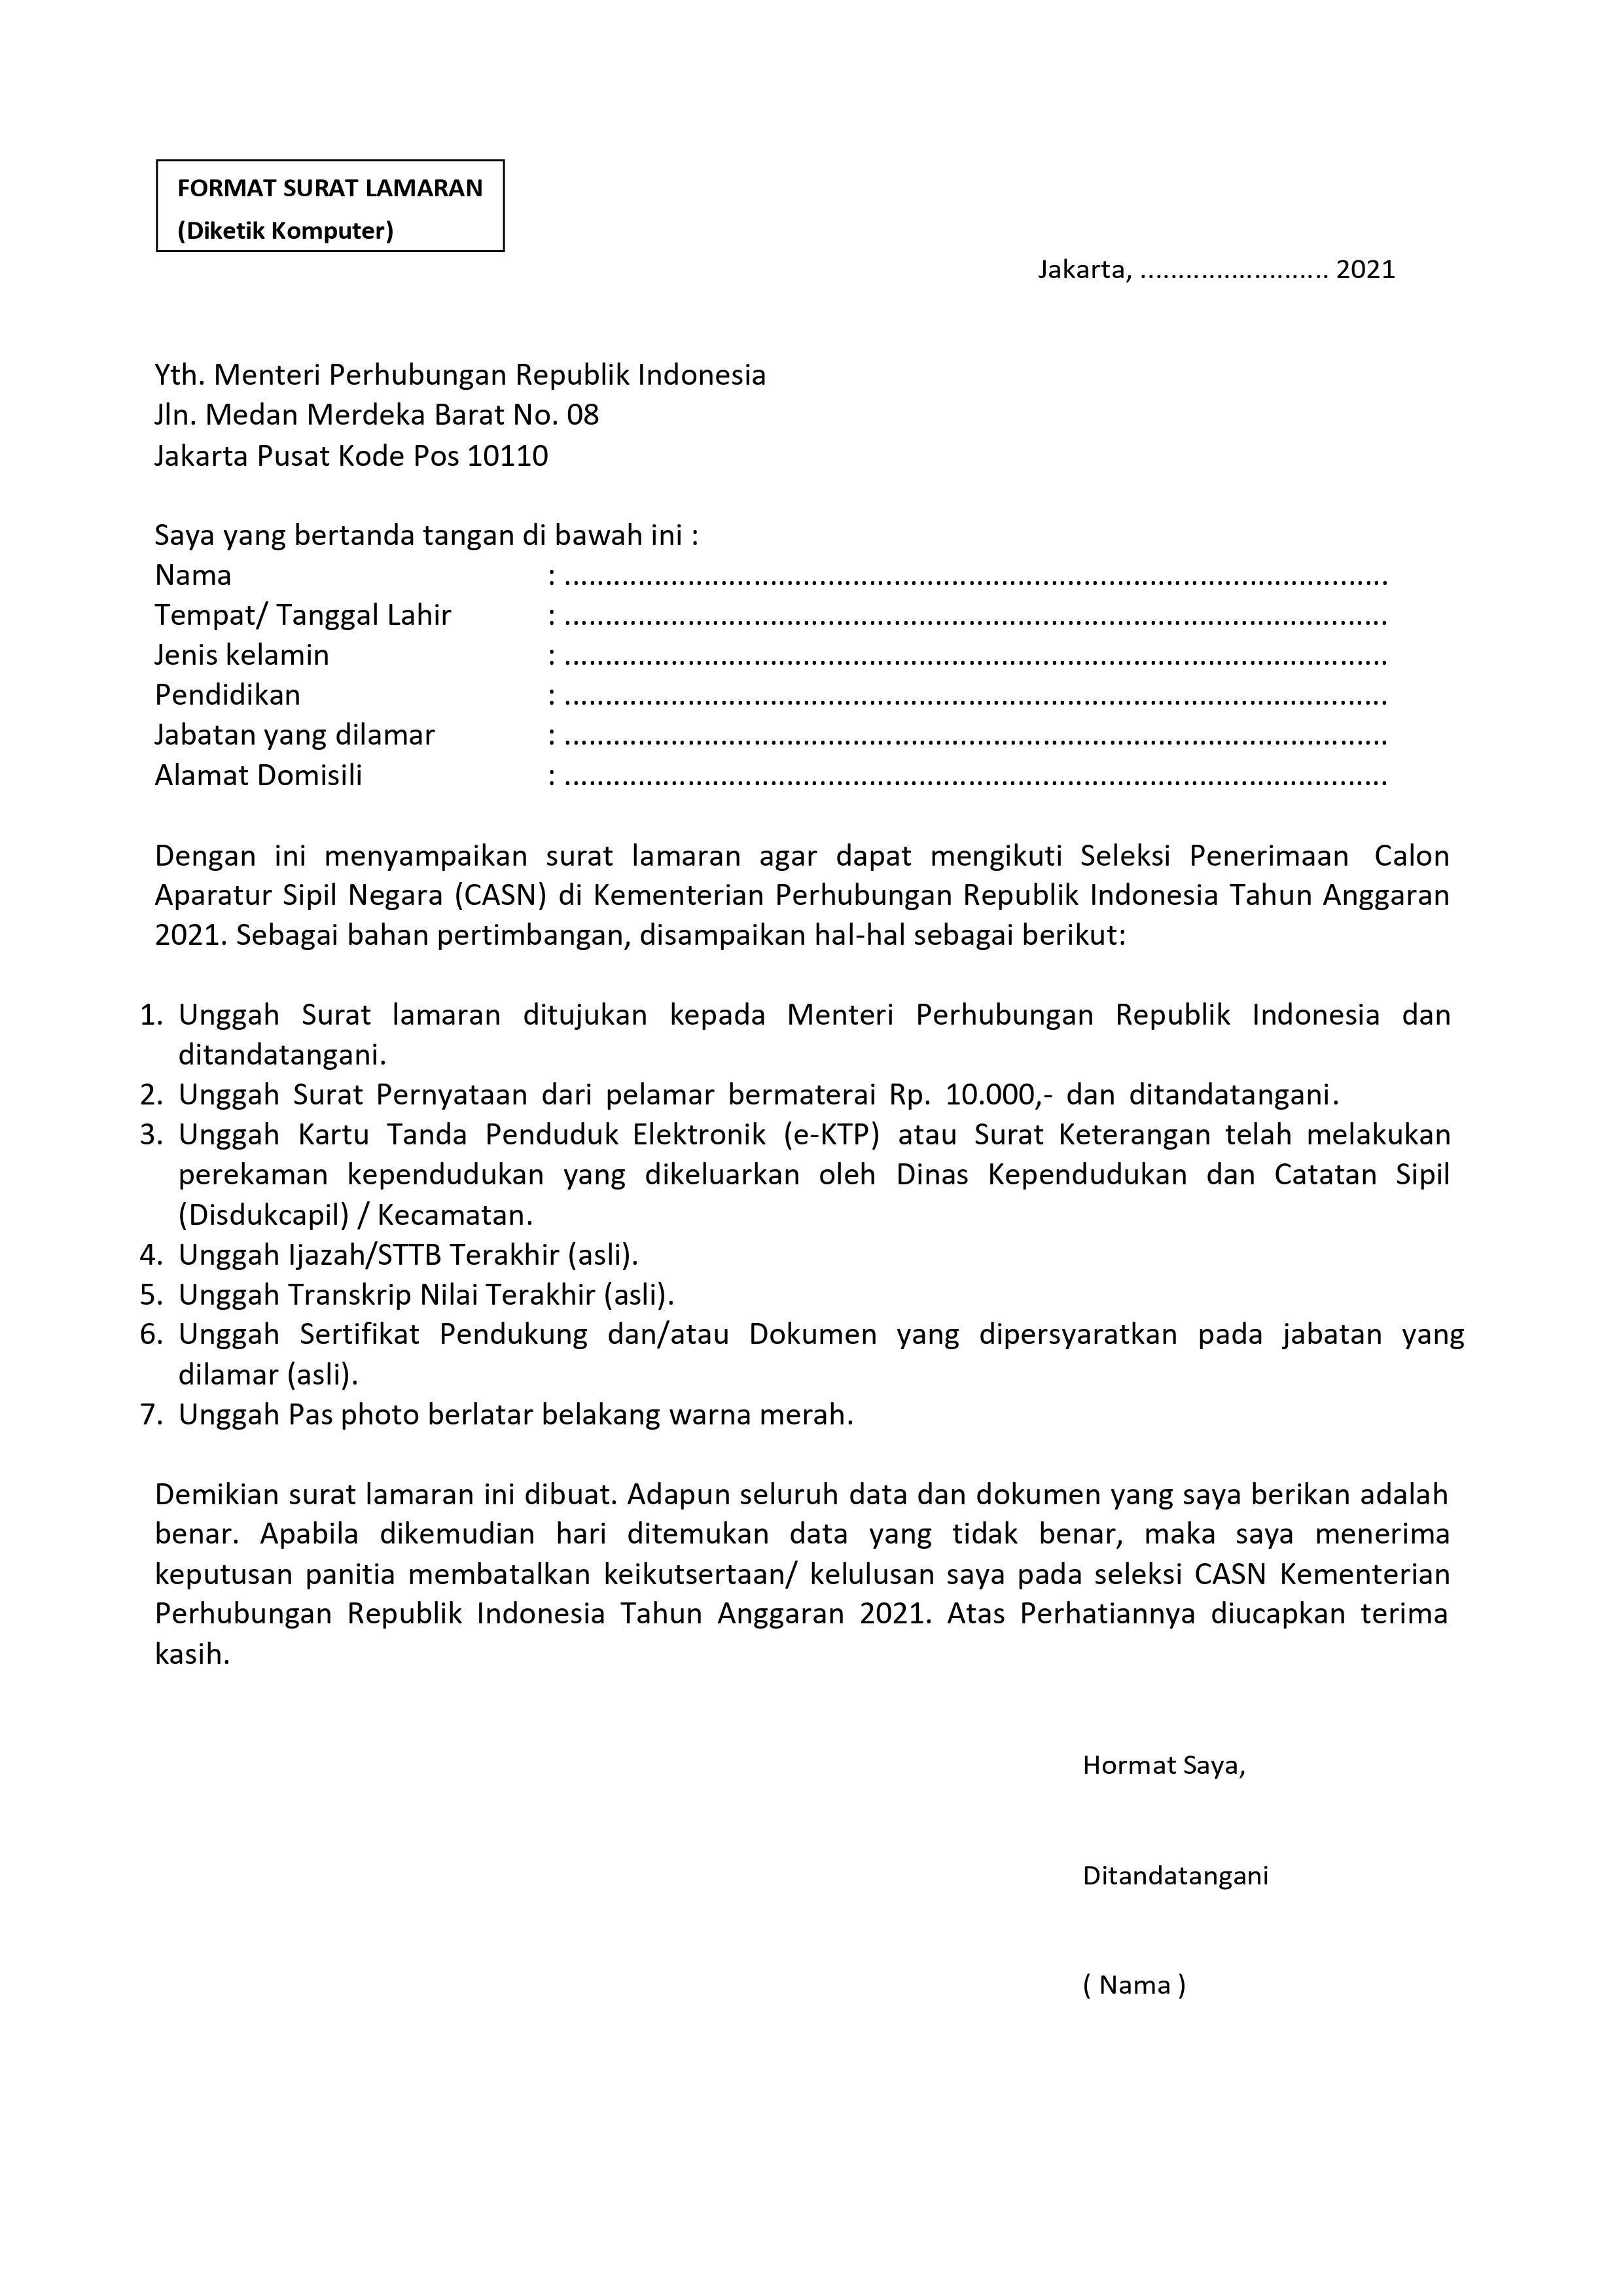 Surat Lamaran CPNS Kemenhub 2021